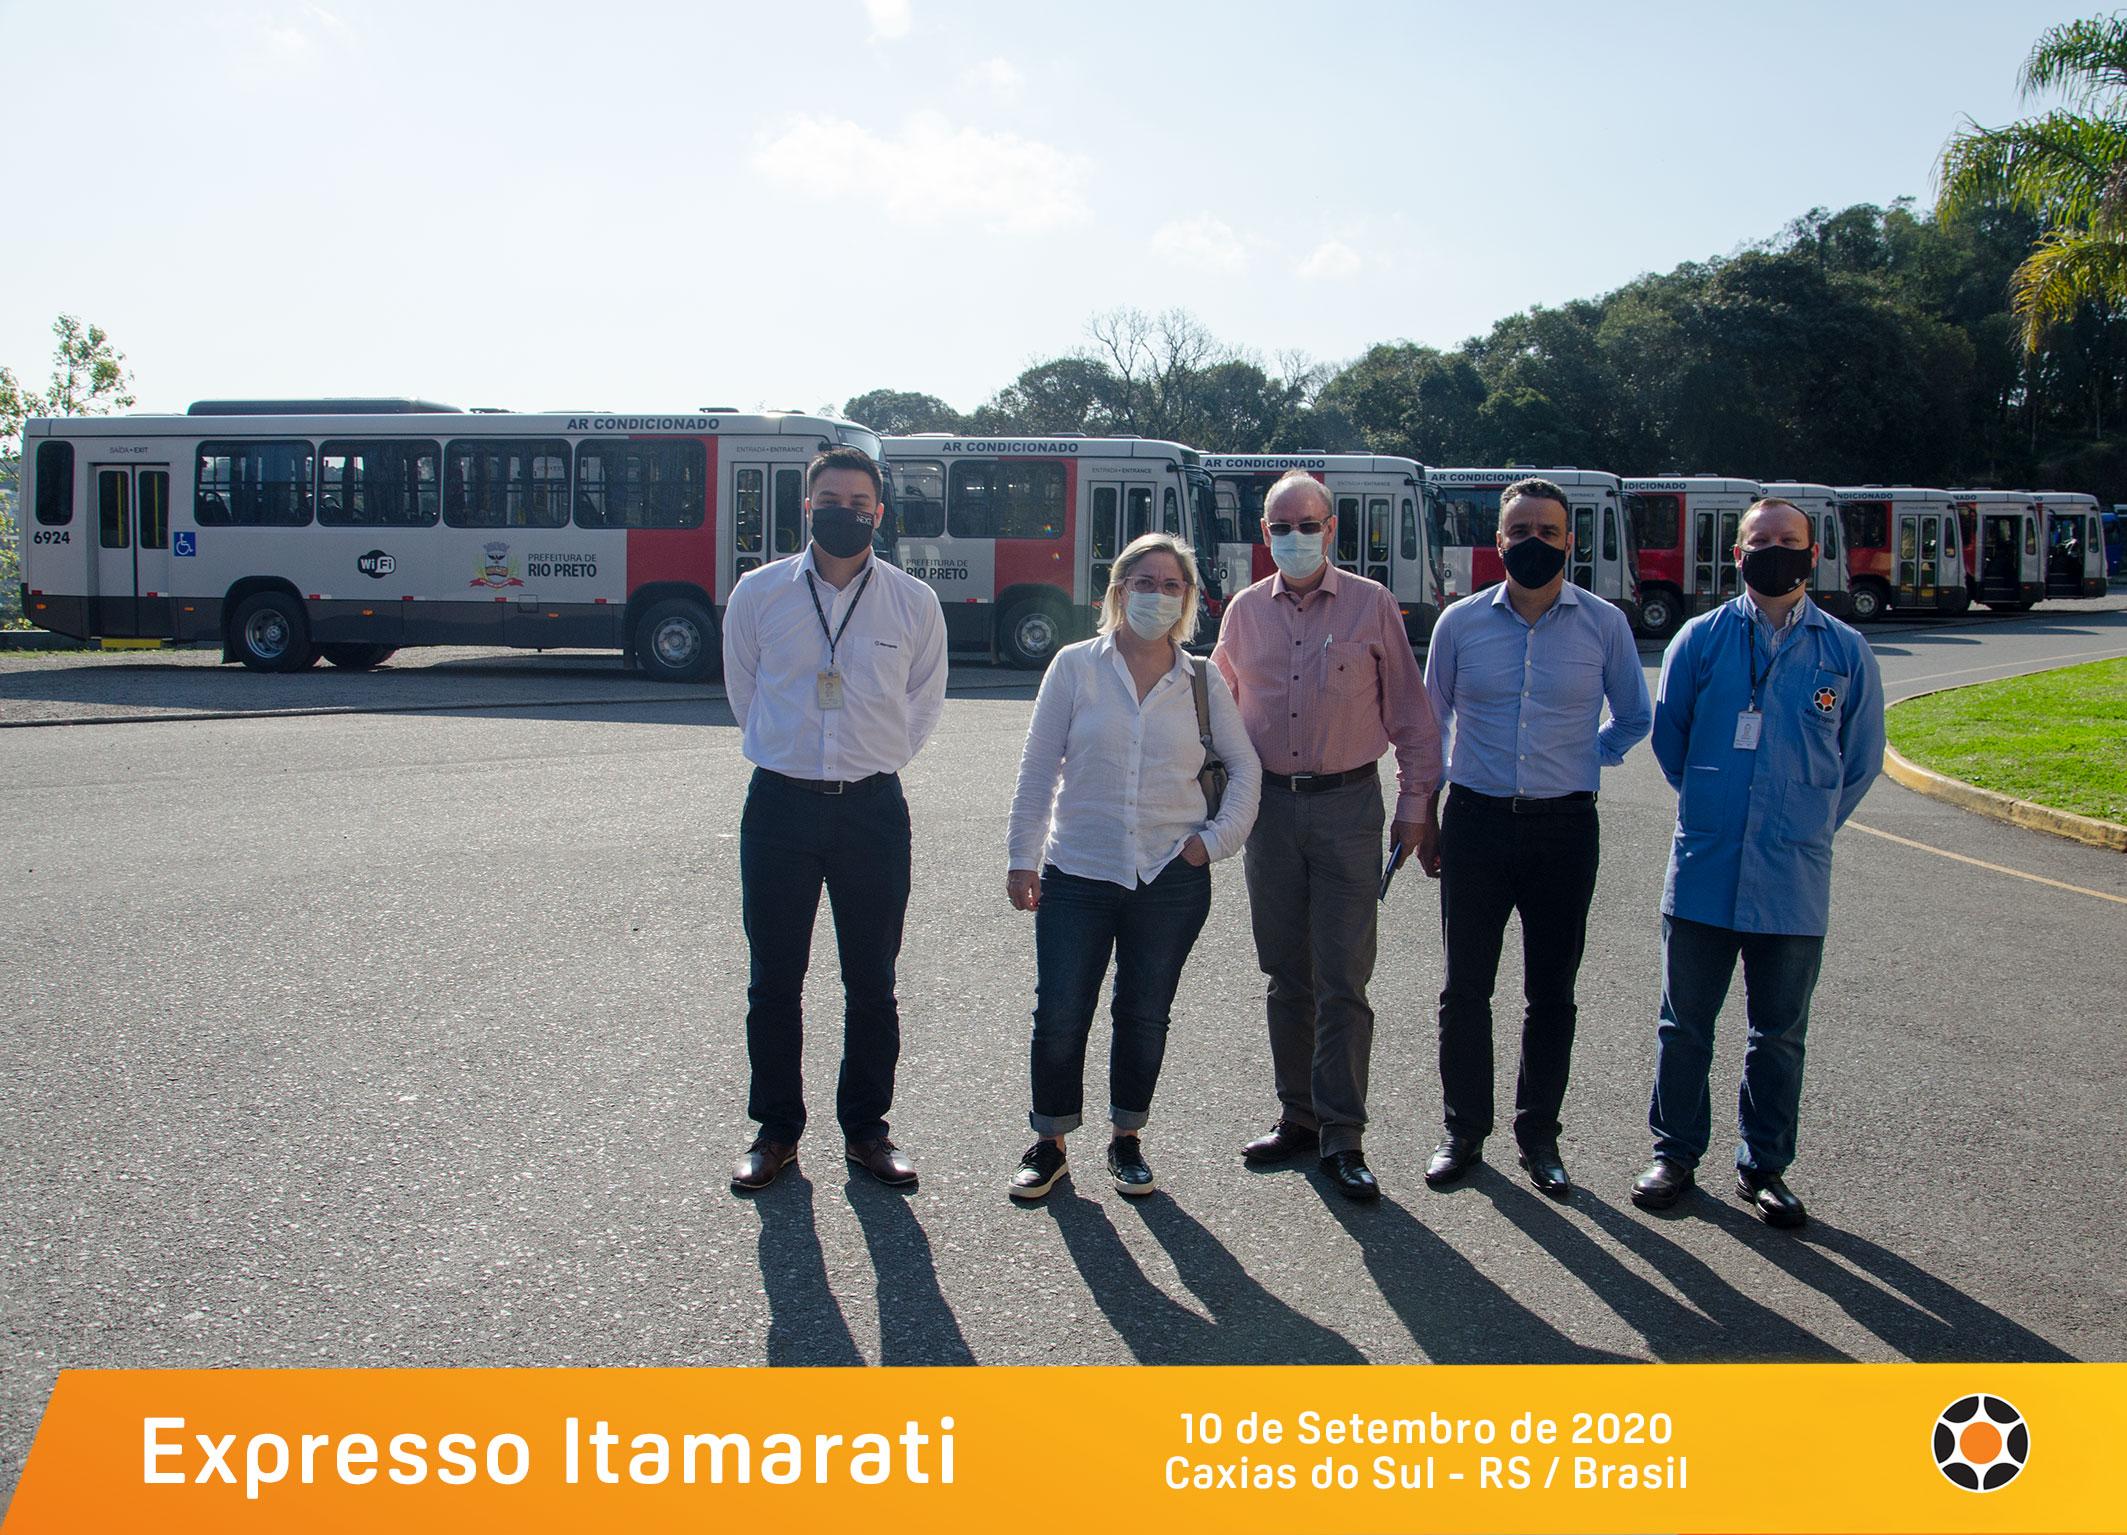 Expresso-Itamarati